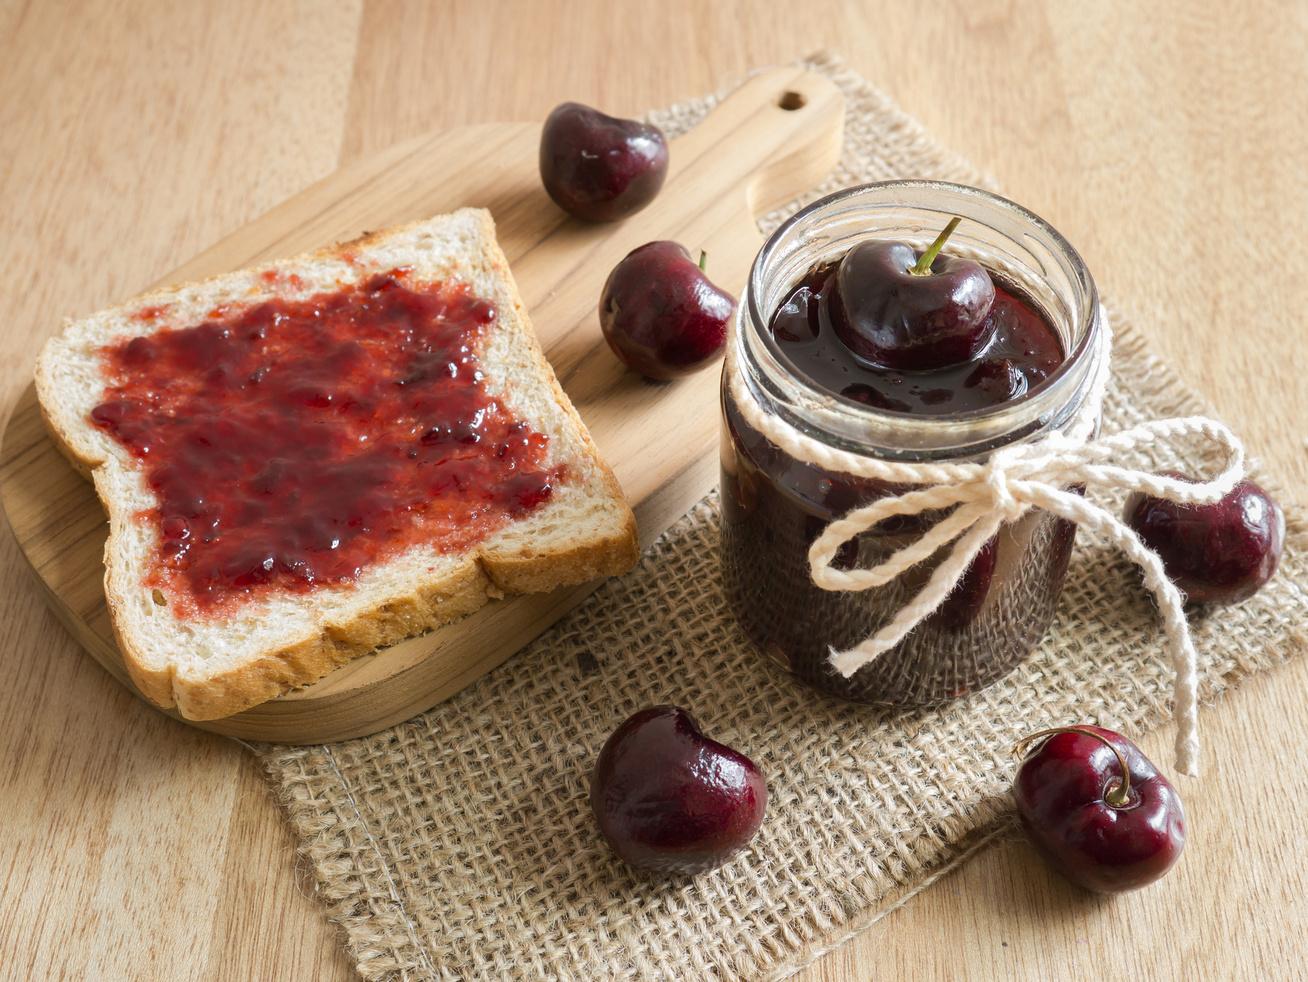 Házi, zamatos cseresznyelekvár: ezzel bolondítsd meg, hogy még finomabb legyen